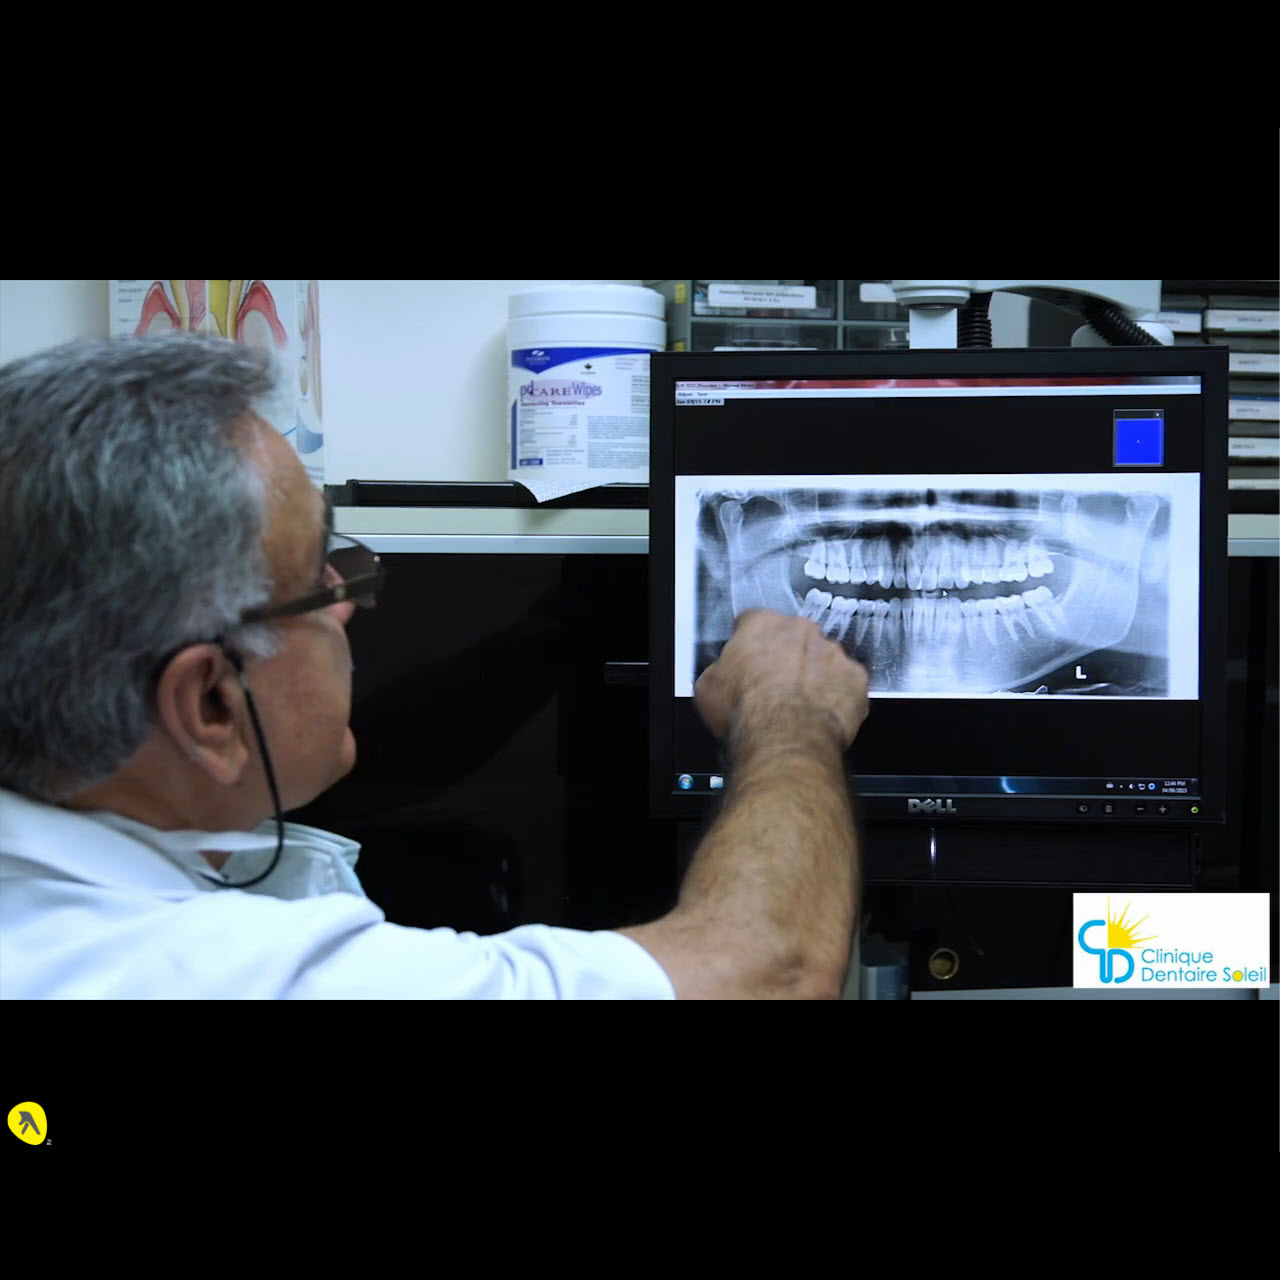 Clinique Dentaire Soleil - Dentists - 5142771157